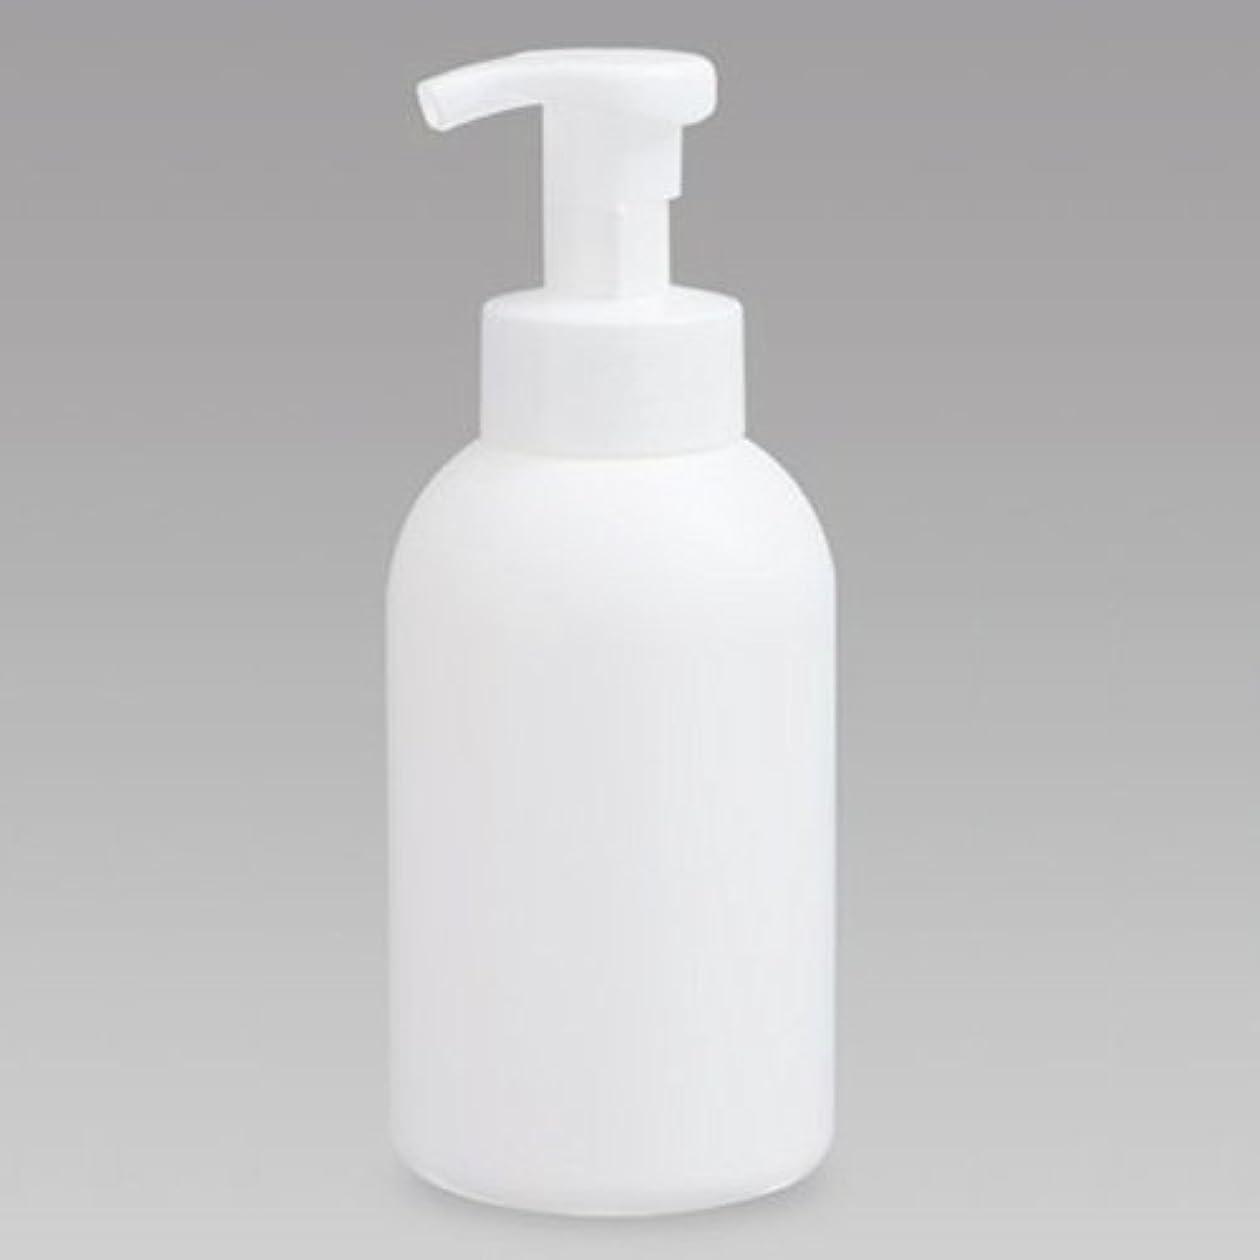 ヒープ杖クランシー泡ボトル 泡ポンプボトル 500mL(PE) ホワイト 詰め替え 詰替 泡ハンドソープ 全身石鹸 ボディソープ 洗顔フォーム